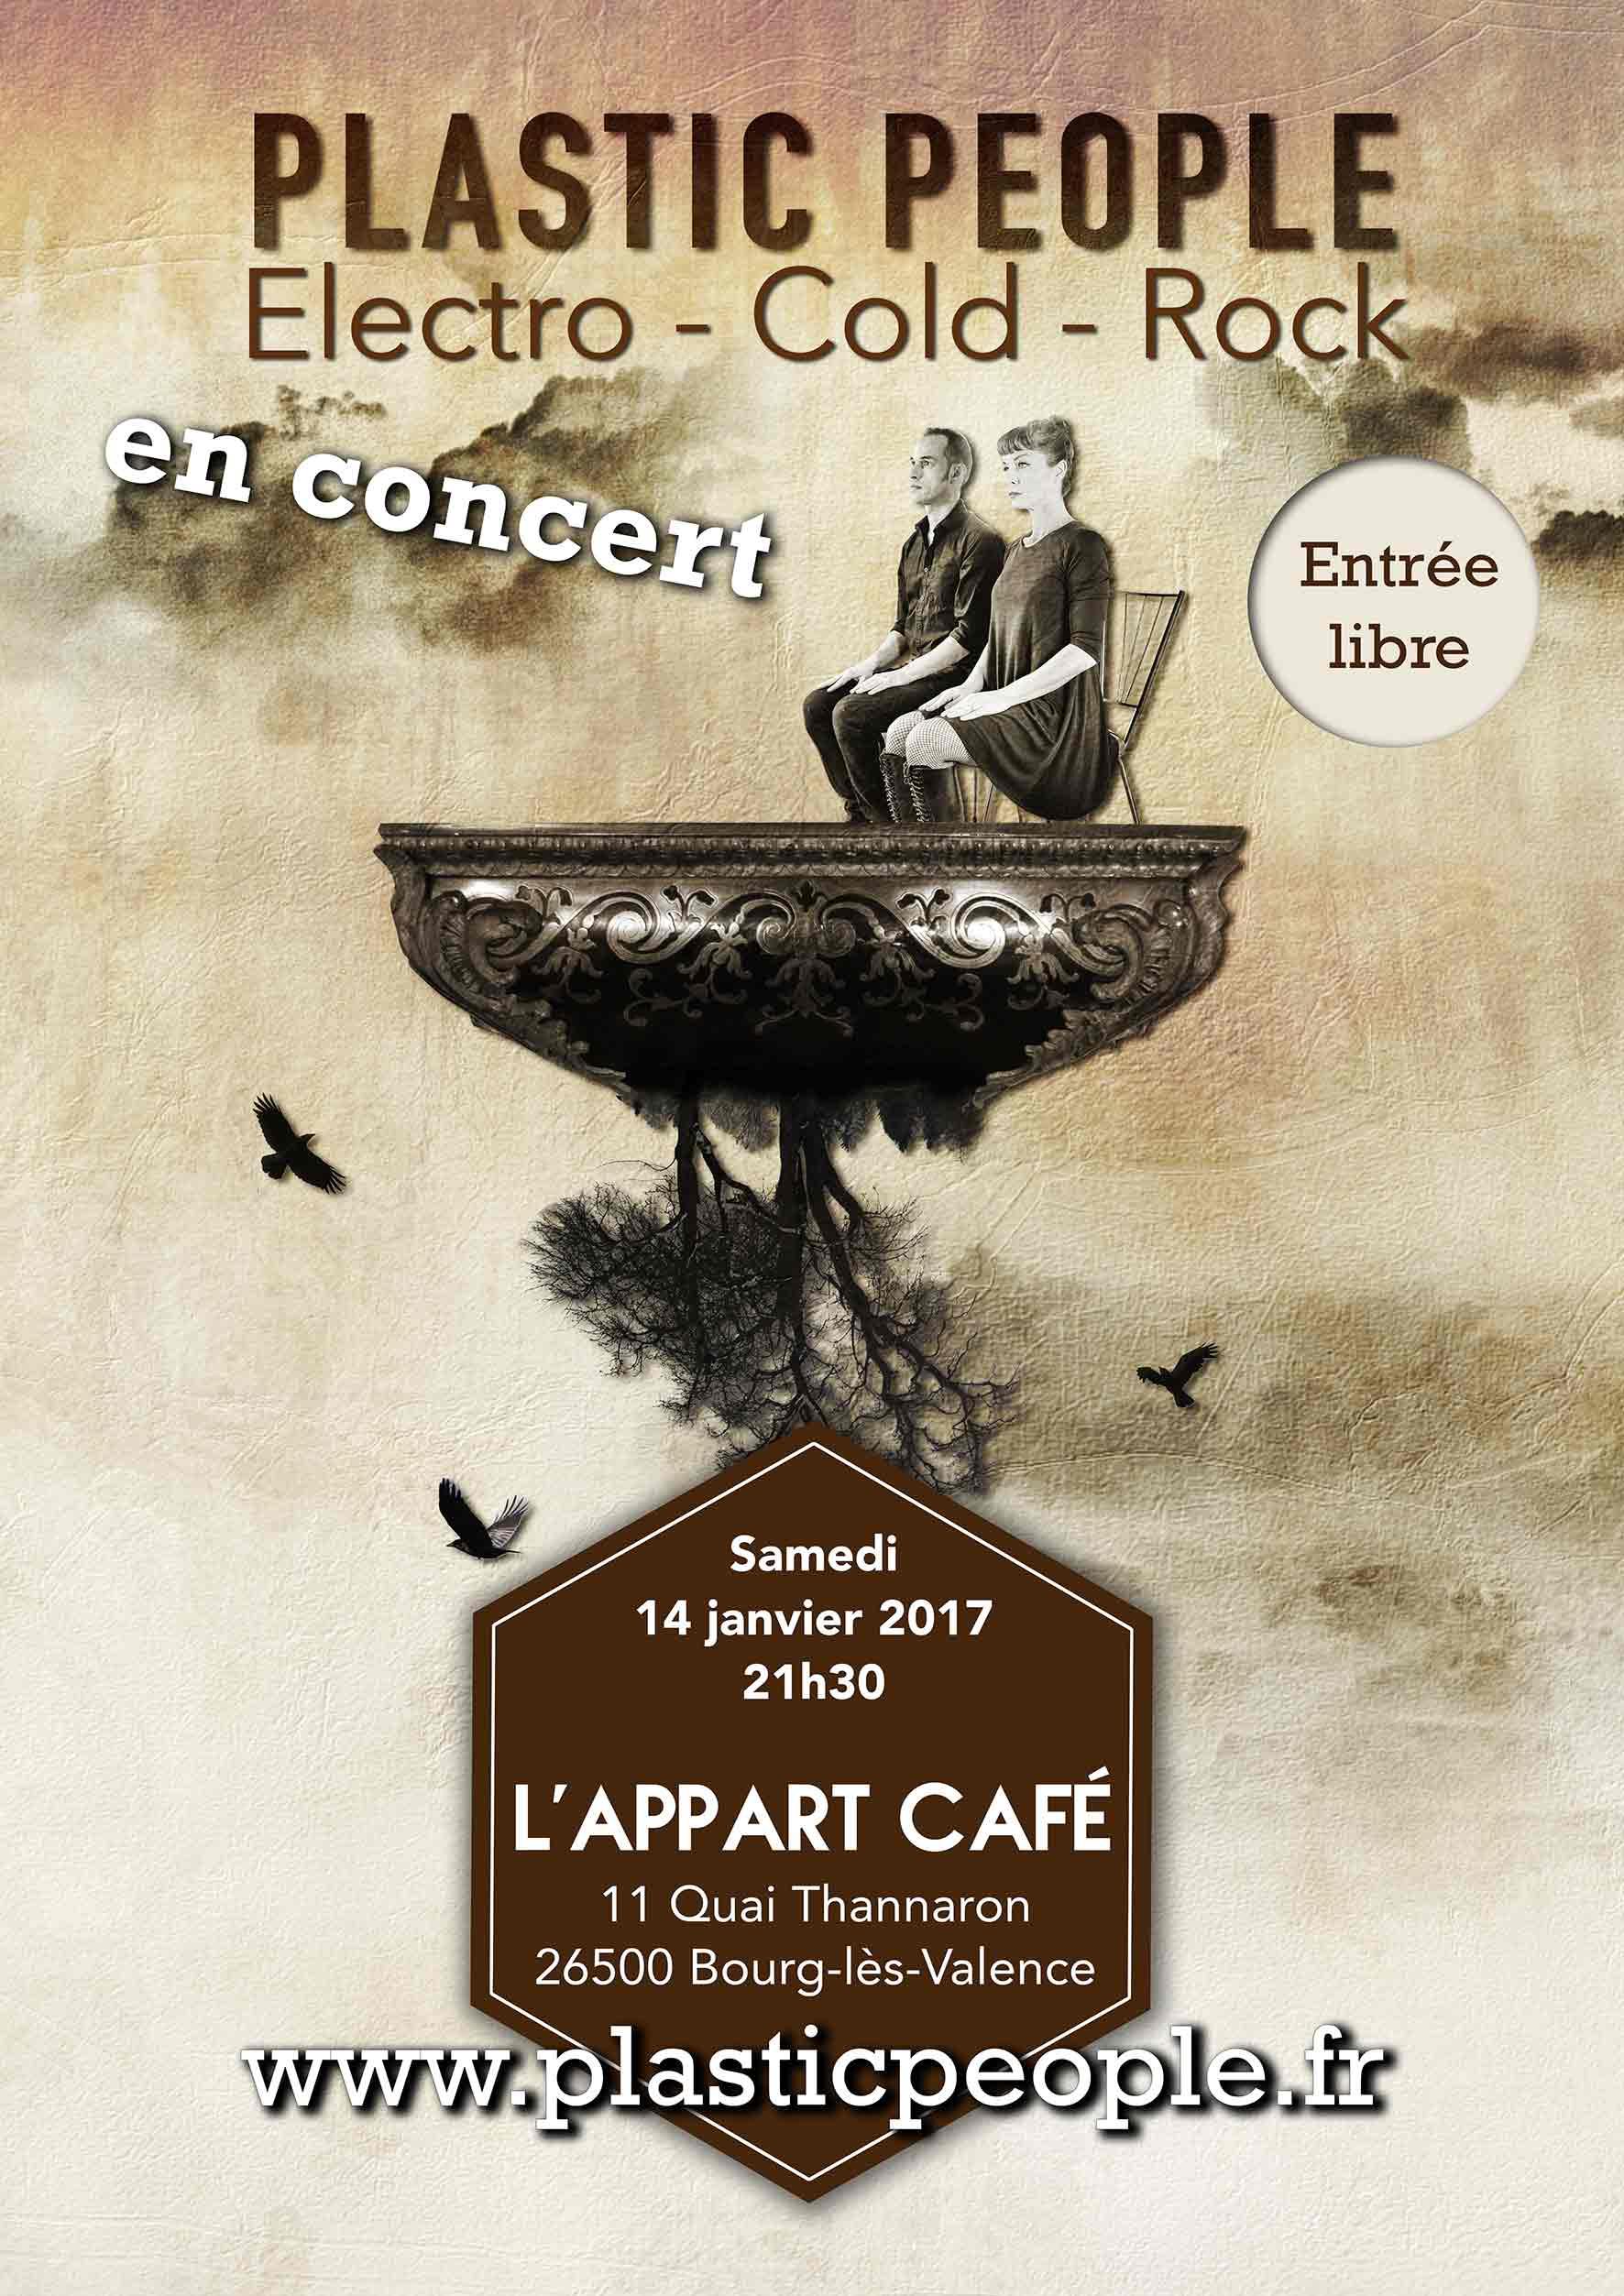 affiche plastic people concert à l'appart café à Valence